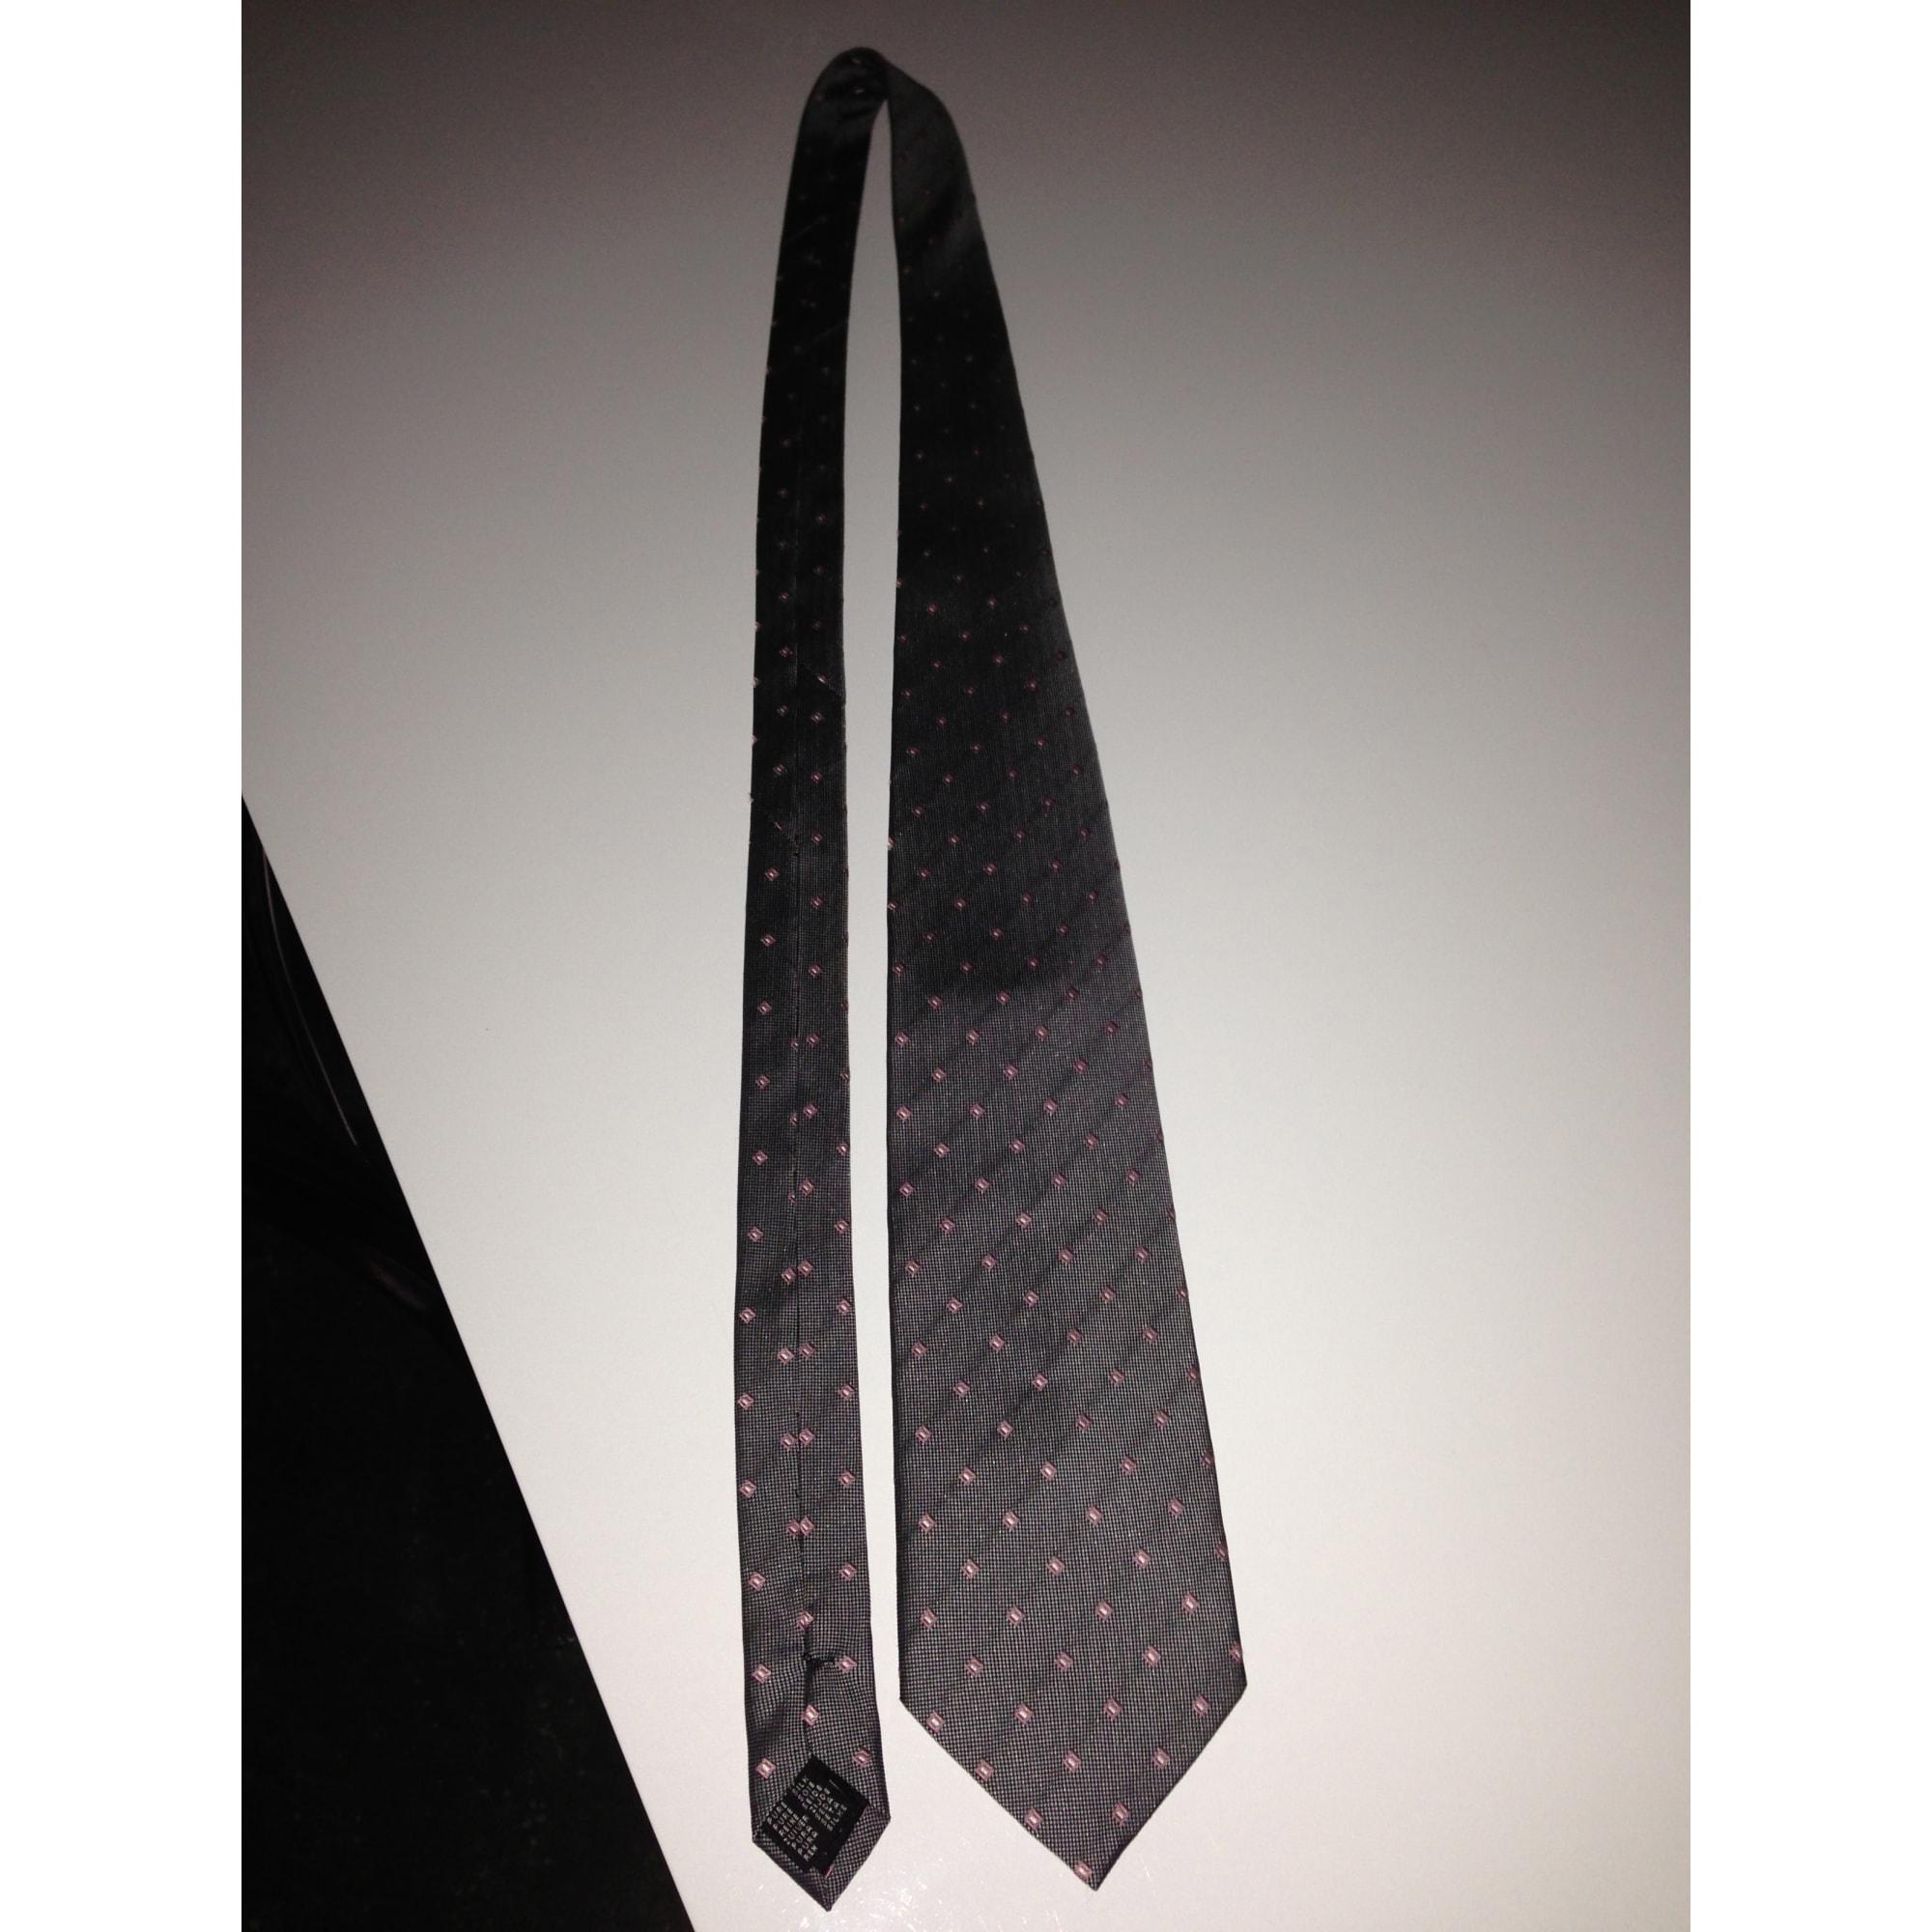 Cravate DEVRED Gris, anthracite